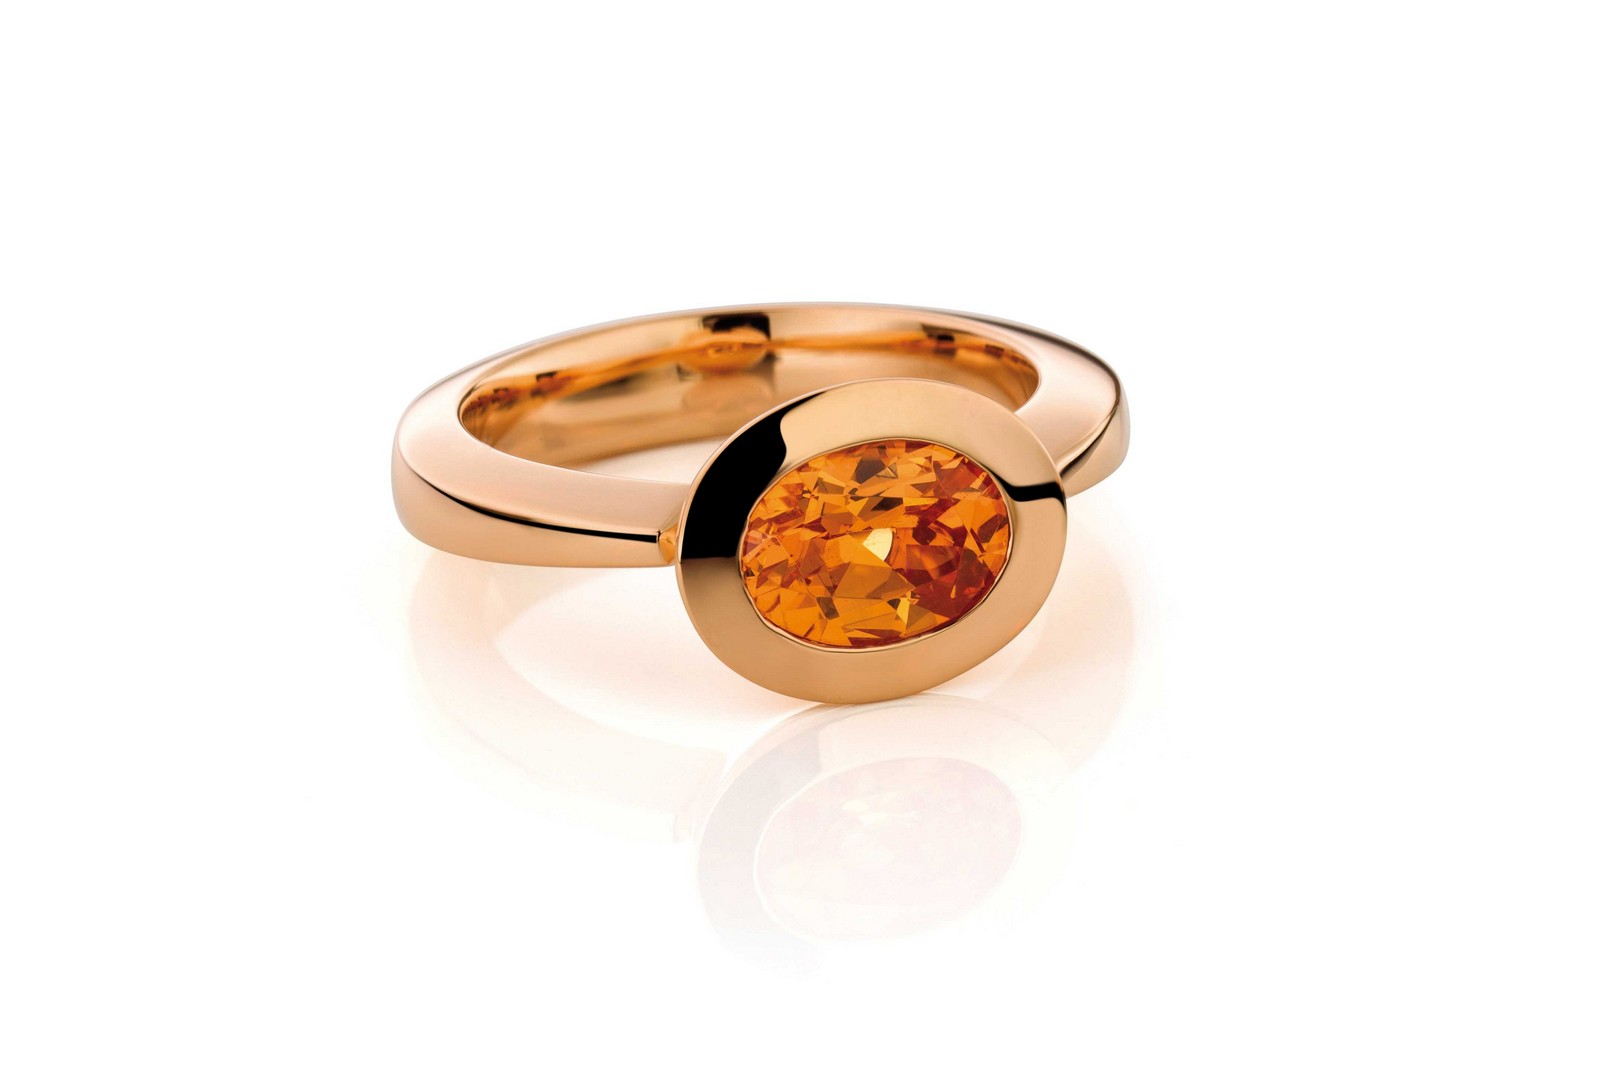 Ring Mandaringranat 18ct Gold - Jochen Pohl - T4F5ro-mag